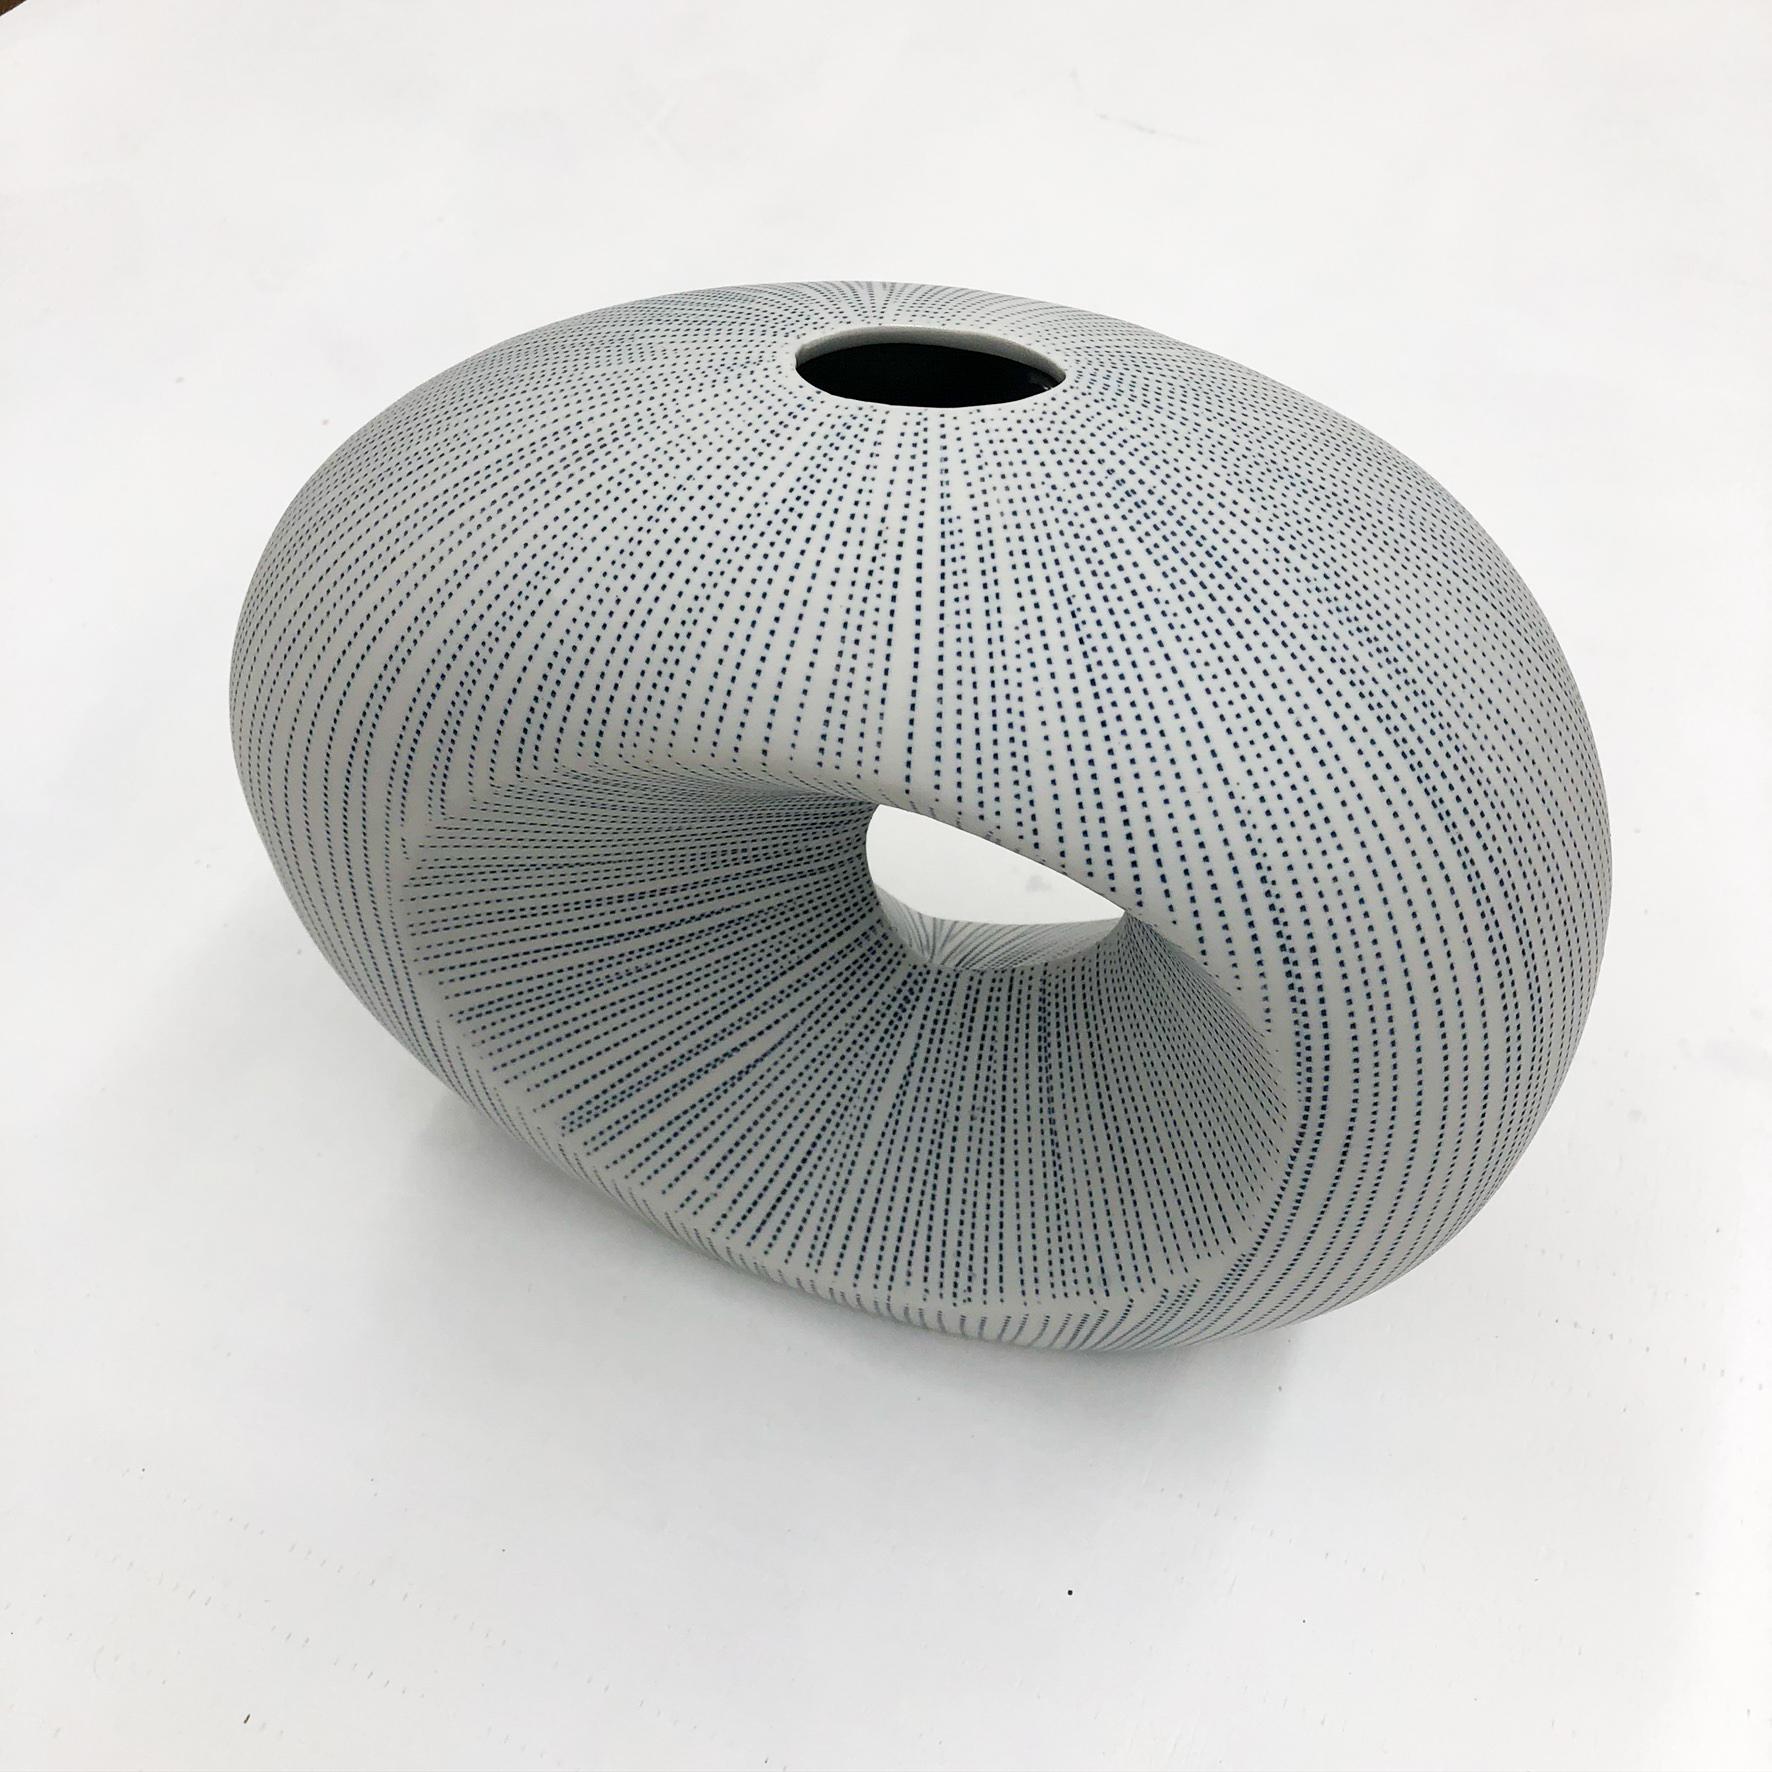 Artura Short Handmade Vase